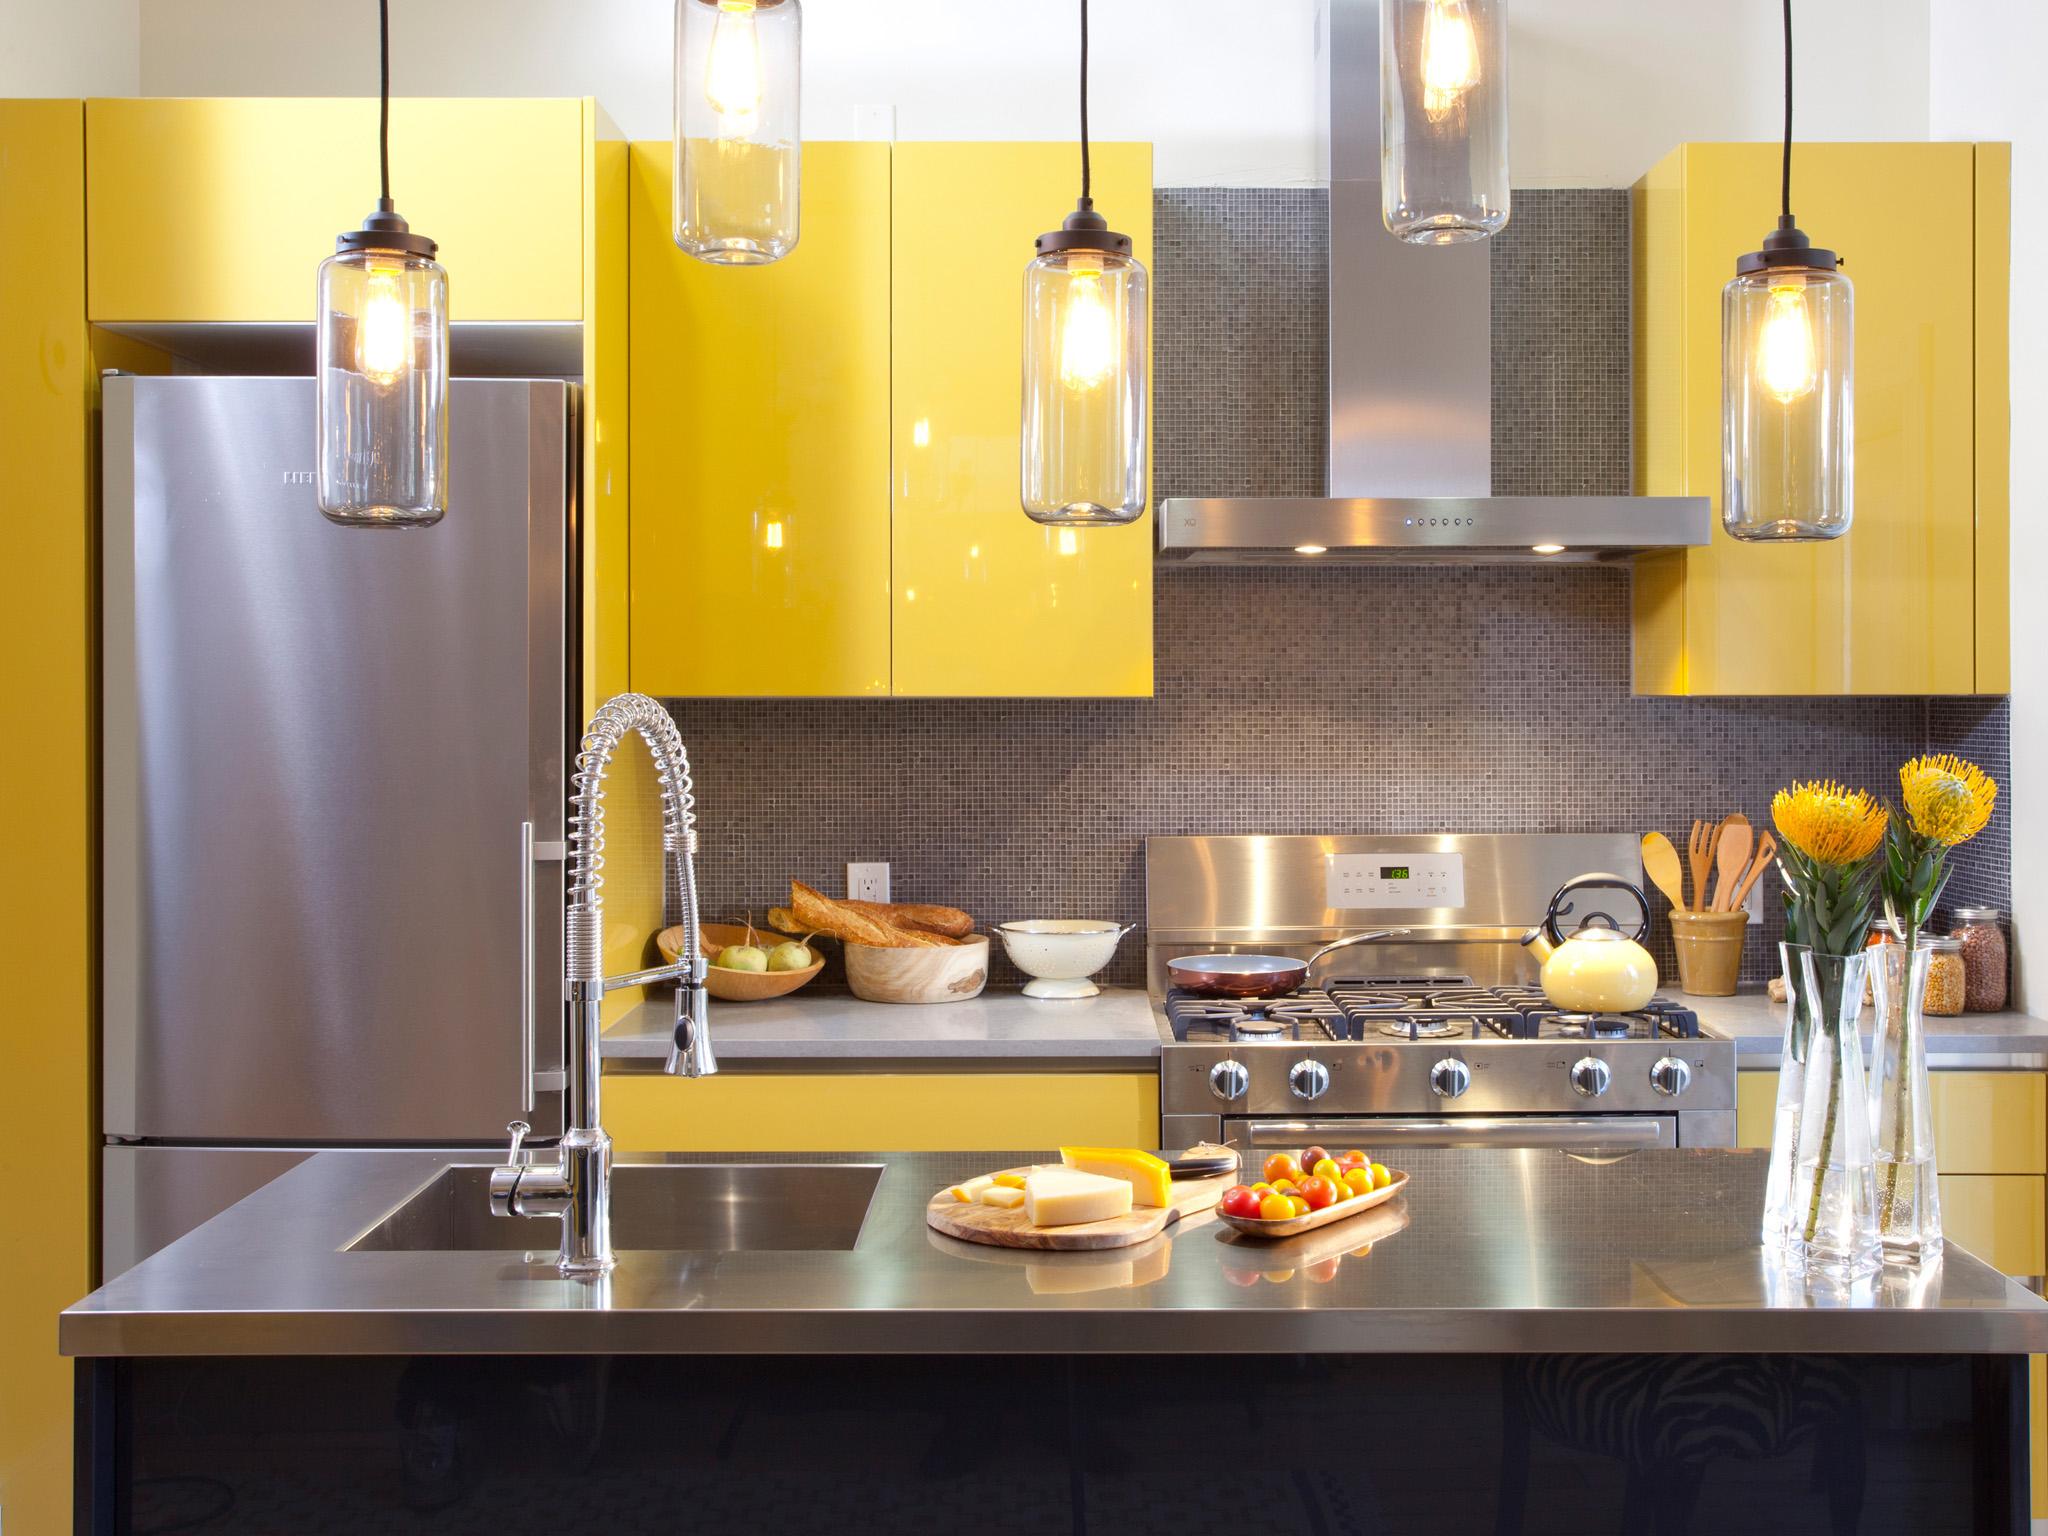 термобелье для модные цаета для кухни 2016 изготовлено материала